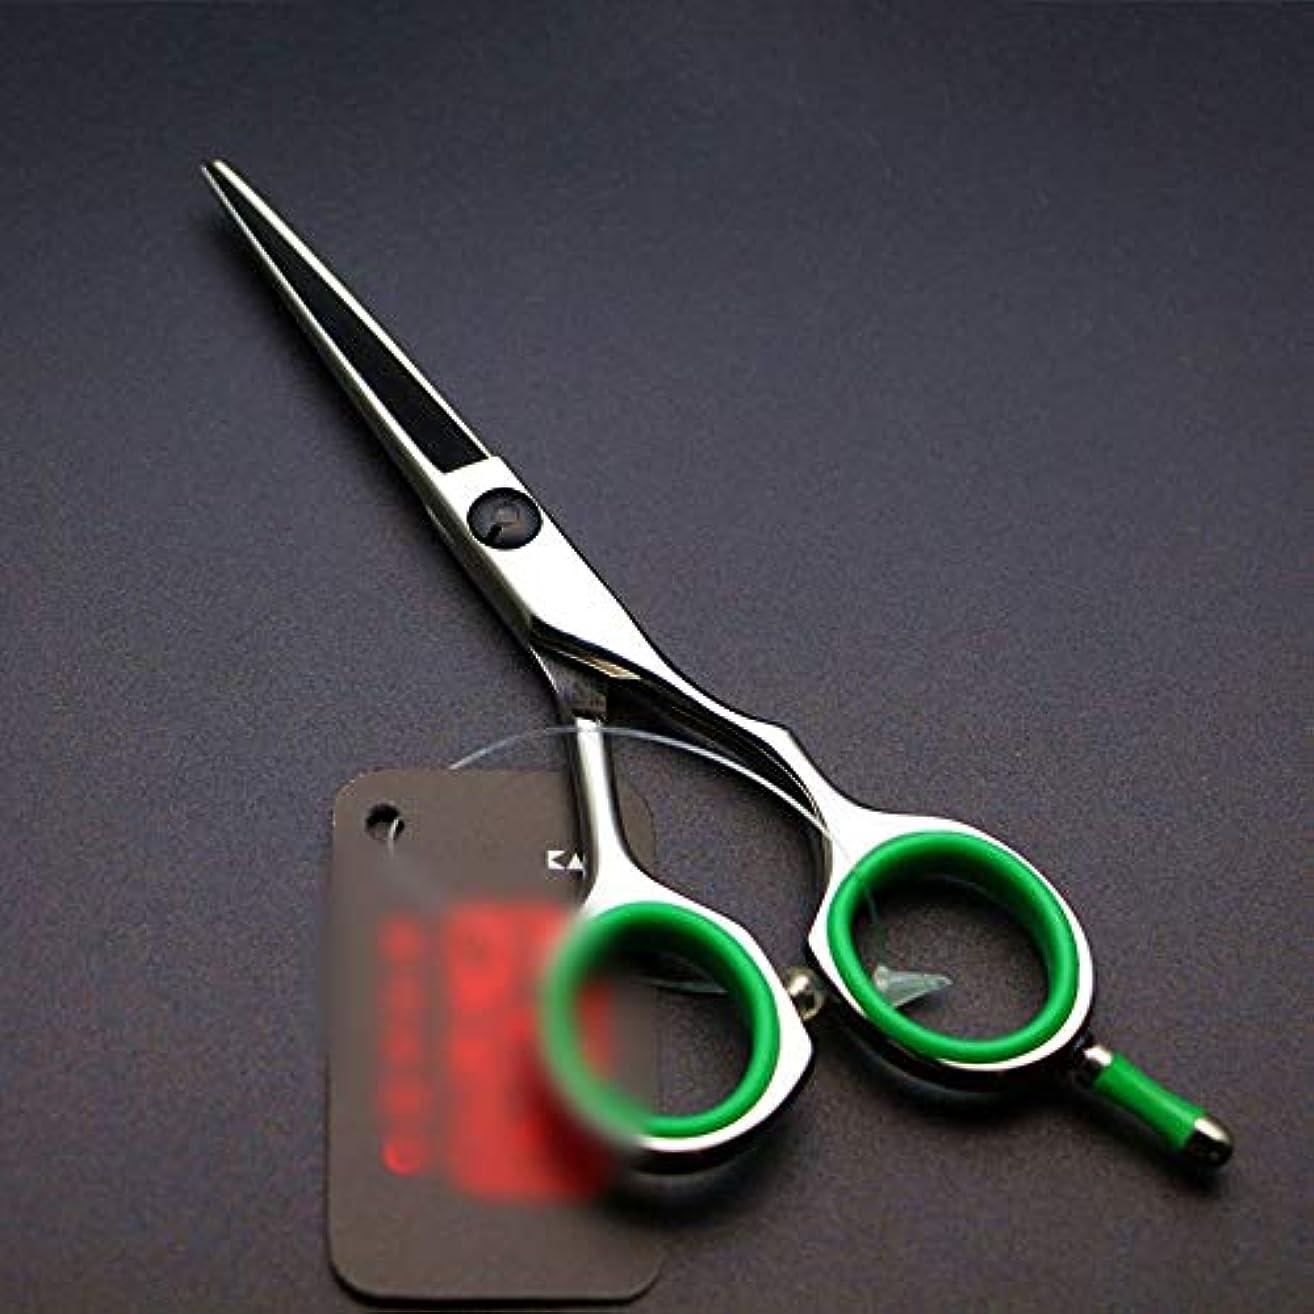 仮装うめきイル5インチのはさみ理髪はさみ、まっすぐな緑の手は理髪はさみを塗ります ヘアケア (色 : オレンジ)